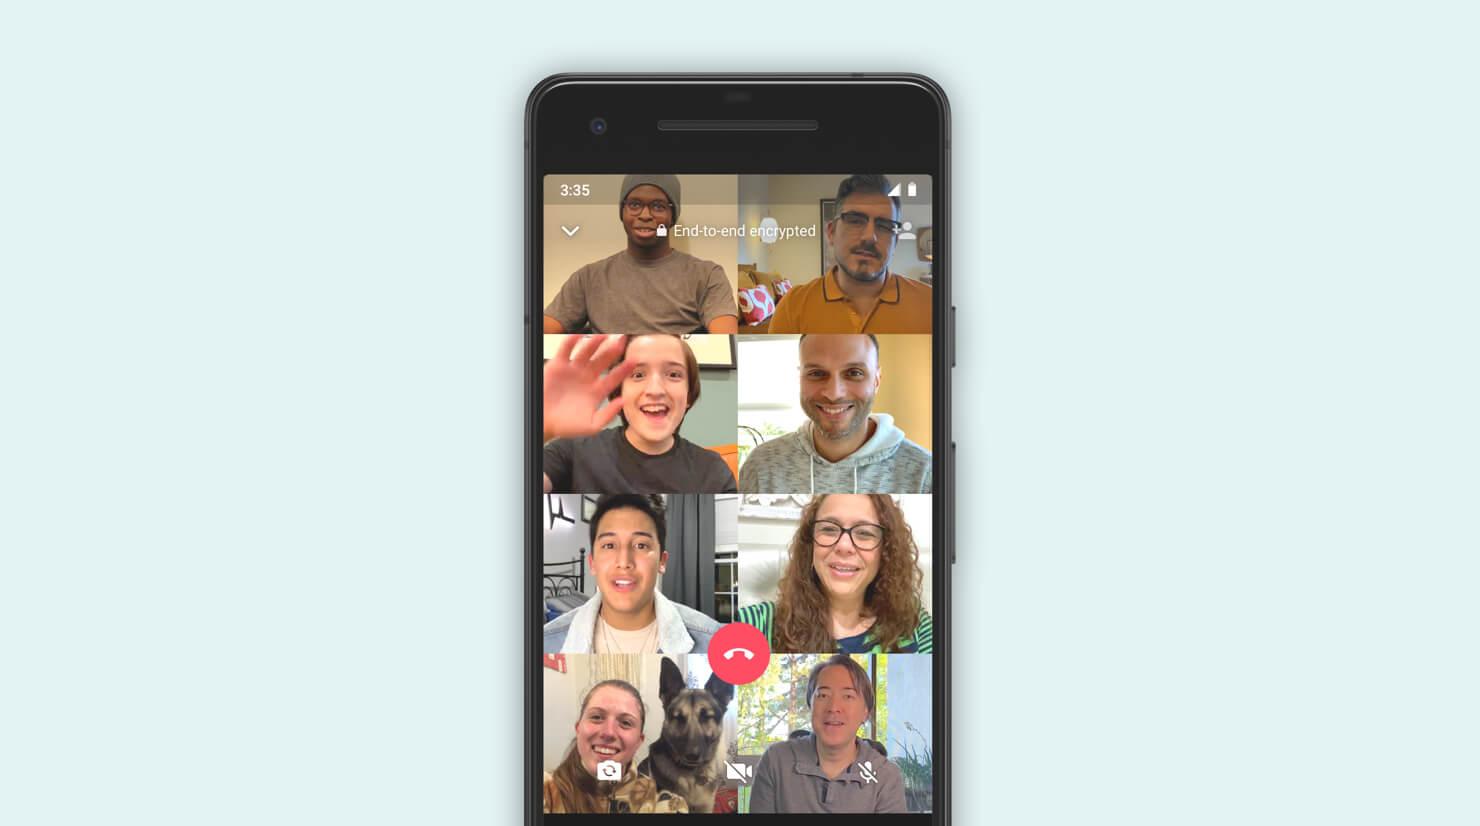 WhatsApp u borbi protiv izolacije: Uveli novu opciju koja olakšava komuniciranje